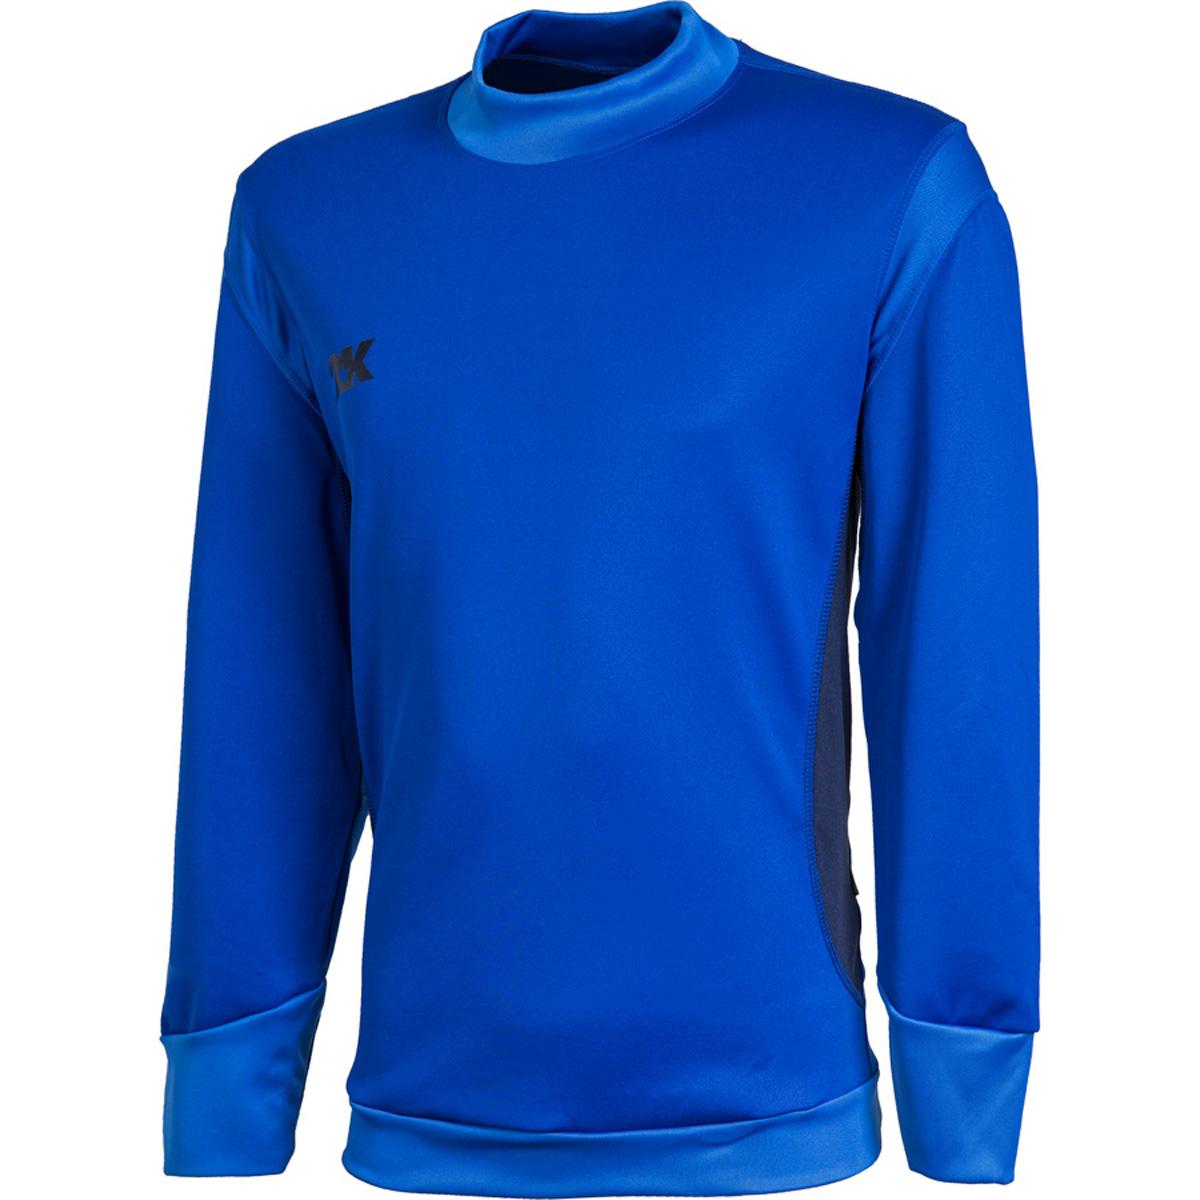 Тренировочный лонгслив 2K Sport Vettore, цвет: синий, темно-синий. 111135. Размер S (46)111135_royal/navyТренировочный лонгслив 2K Vettore предназначен для тренировок в теплое время года, а также отлично подходит для повседневной носки. Вентилируемая ткань, обеспечивающая эффективный отвод влаги и сохранение тепла. Анатомический крой манжет на рукавах.